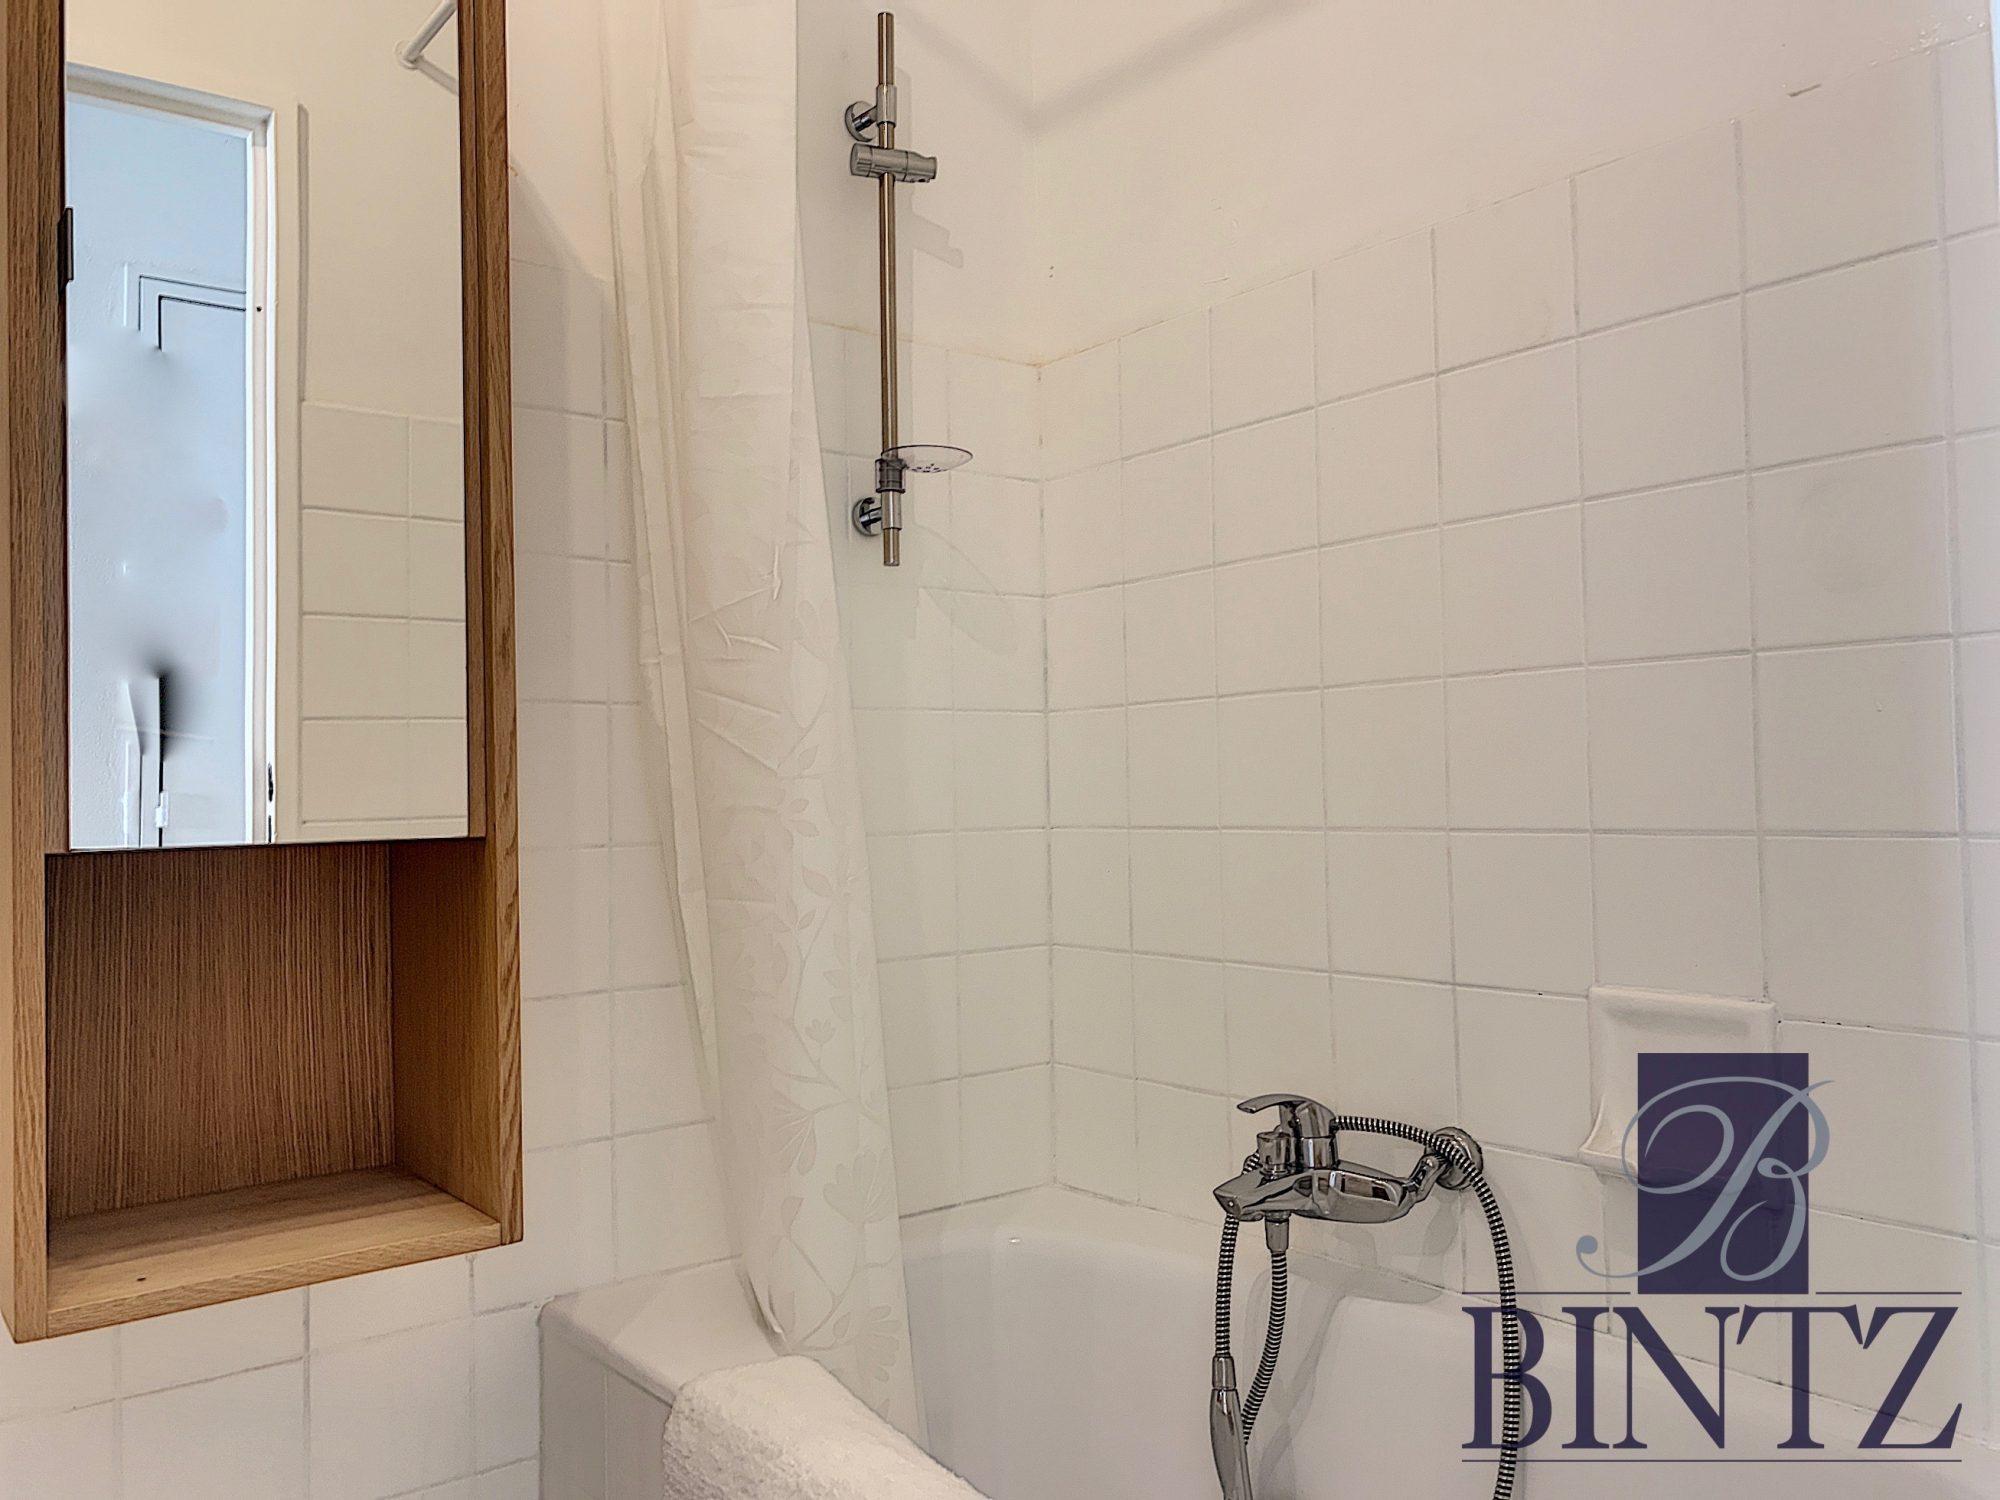 2 PIECES MEUBLE HYPER CENTRE - Devenez locataire en toute sérénité - Bintz Immobilier - 6